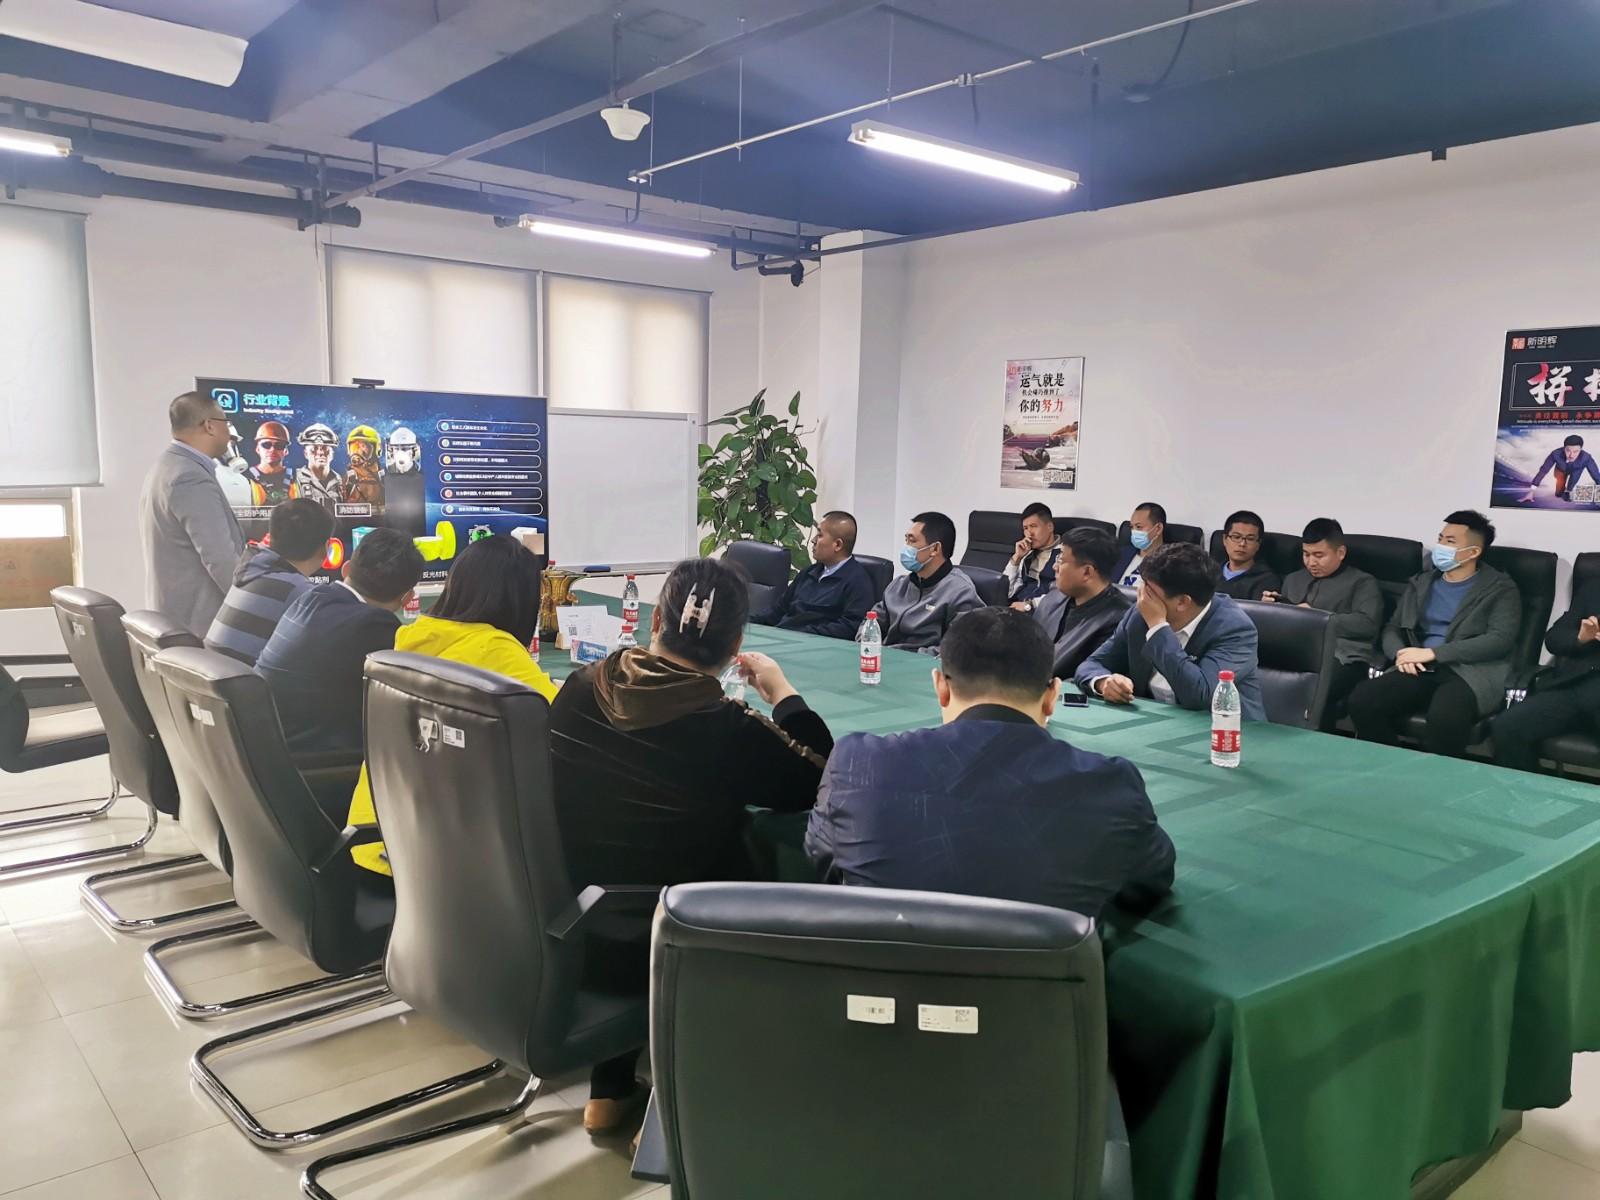 临沂市商务局组织本地知名企业参观考察新明辉商城